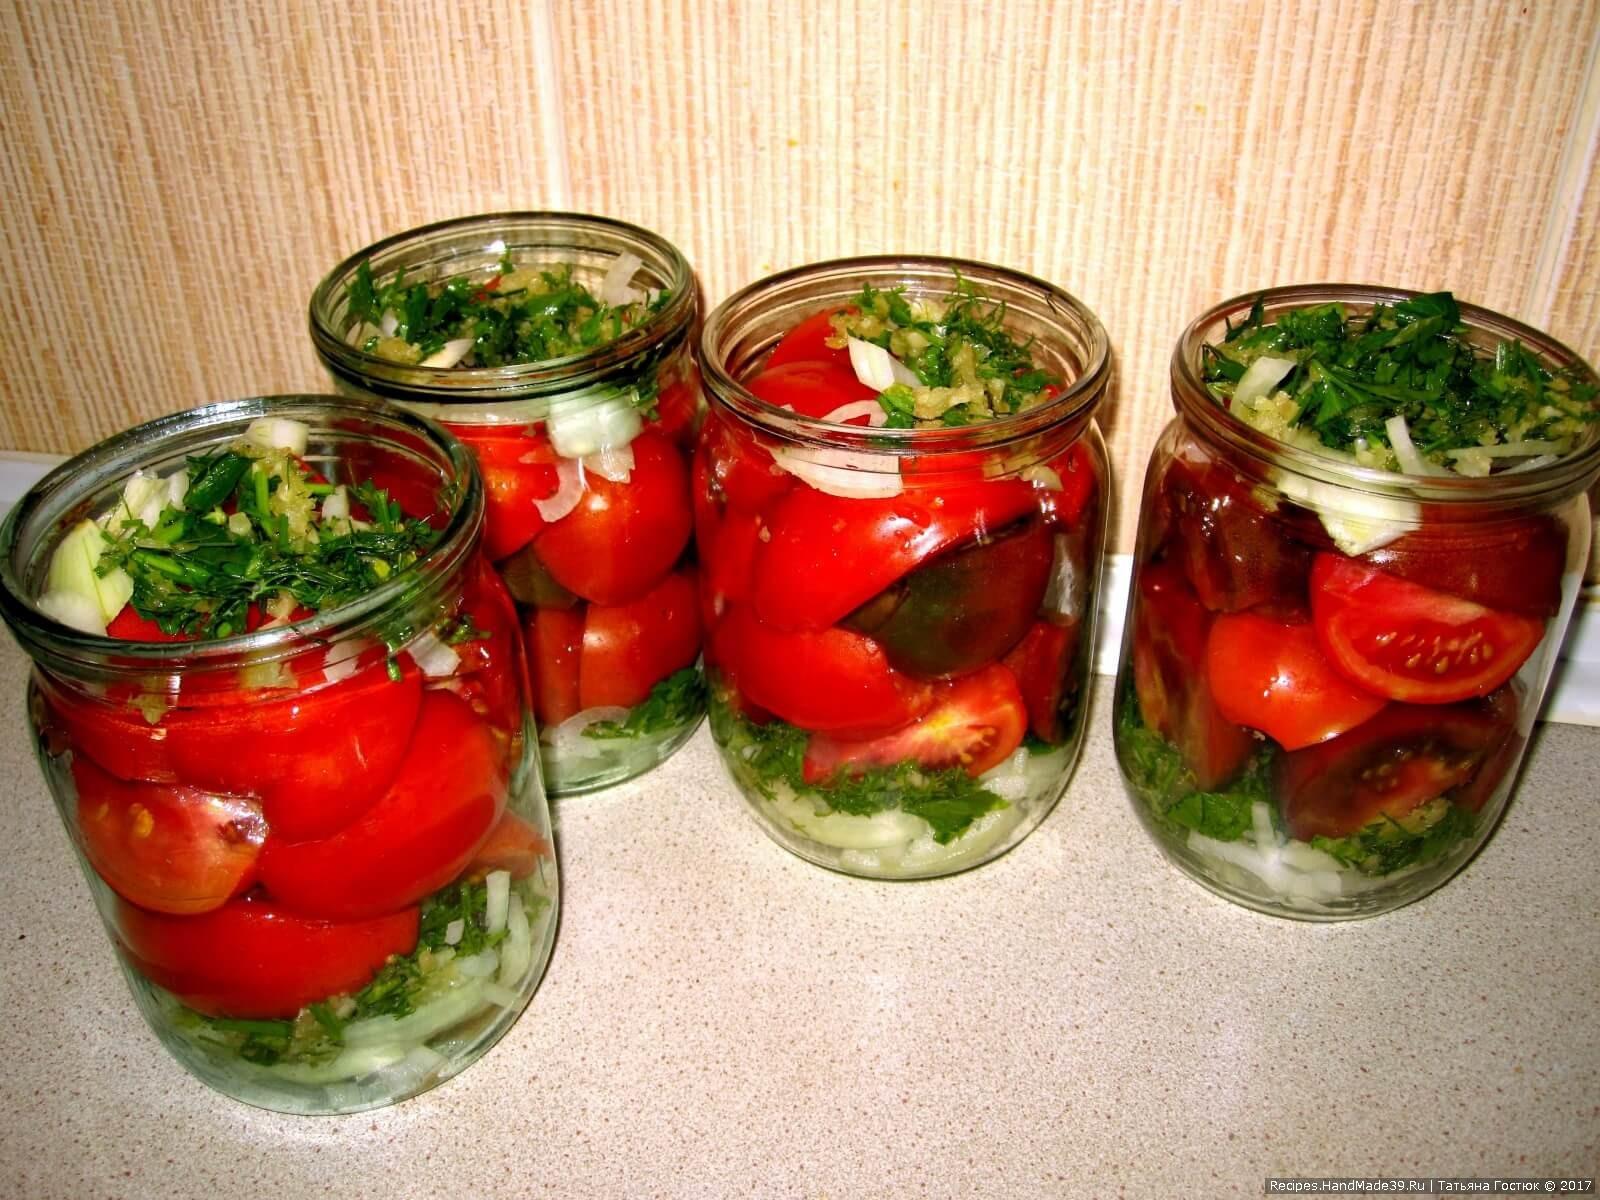 В кипящую воду добавляем соль и сахар, растворяем, затем кипящим маринадом заливаем помидоры. В каждую банку кладём по столовой ложке уксуса и растительного масла без запаха